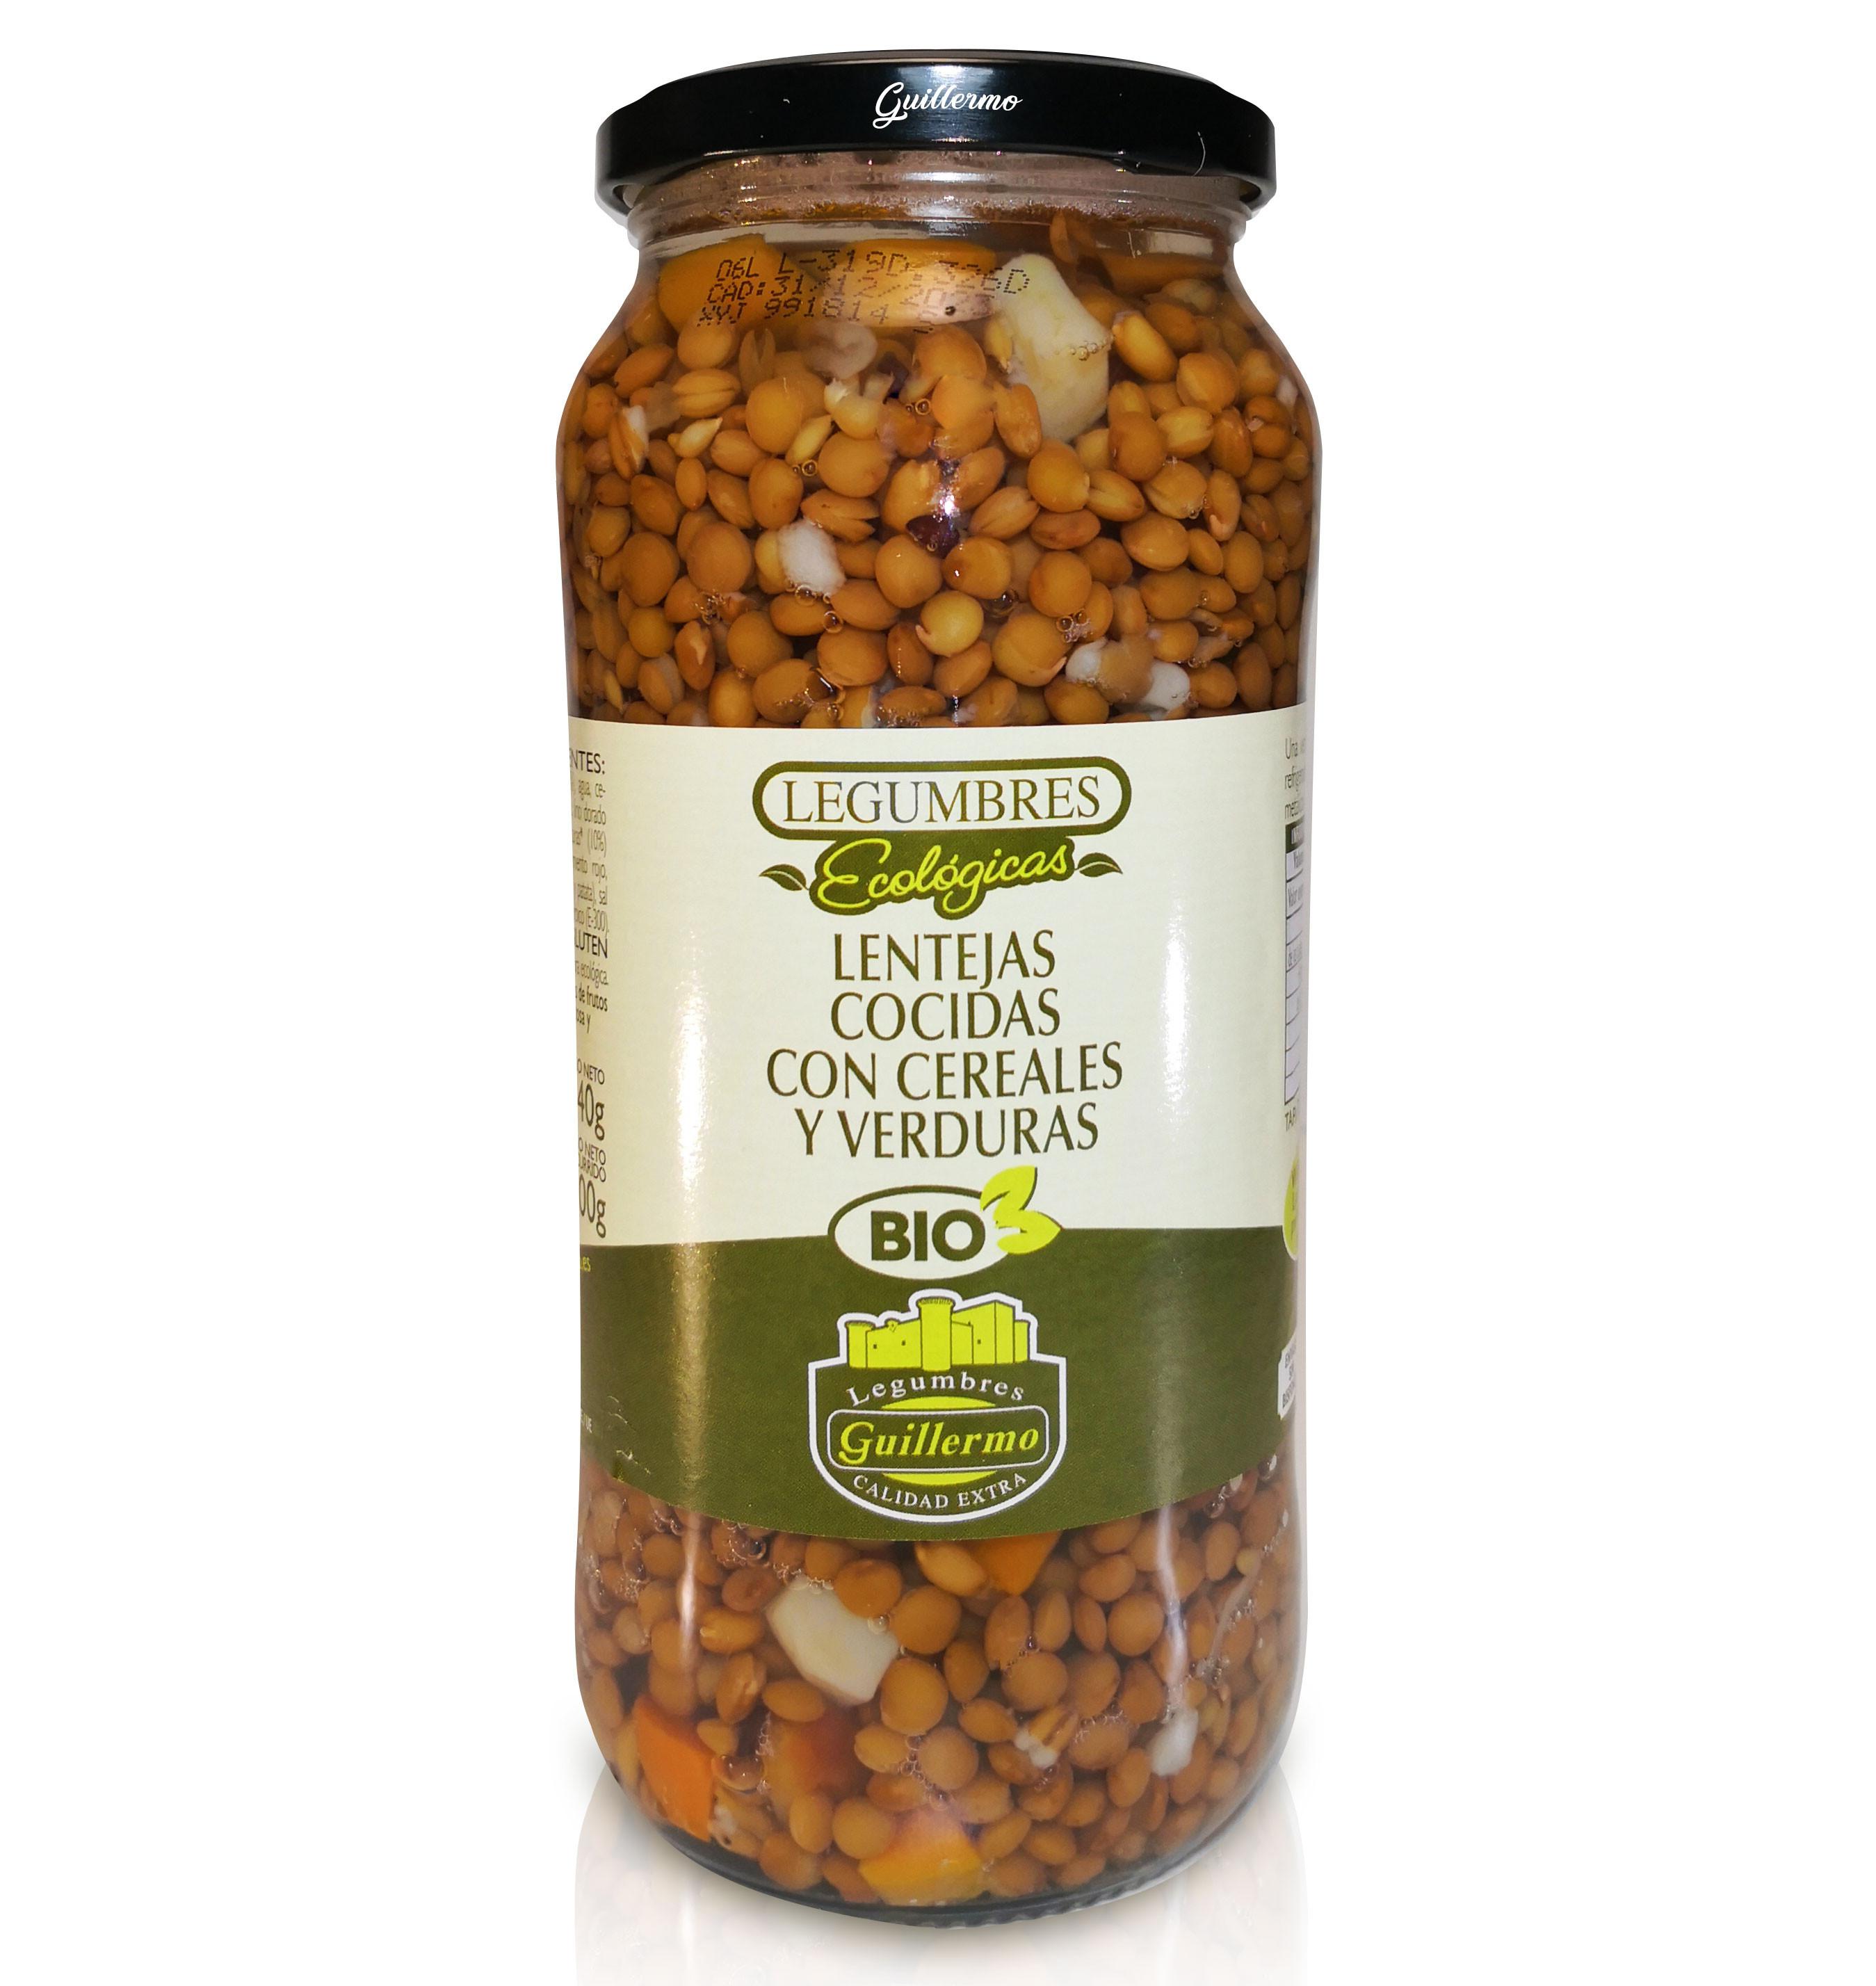 Guillermo Lentejas Cocidas con Cereales y Verduras Ecológicas BIO Categoría Extra Conserva Tarro 540gr